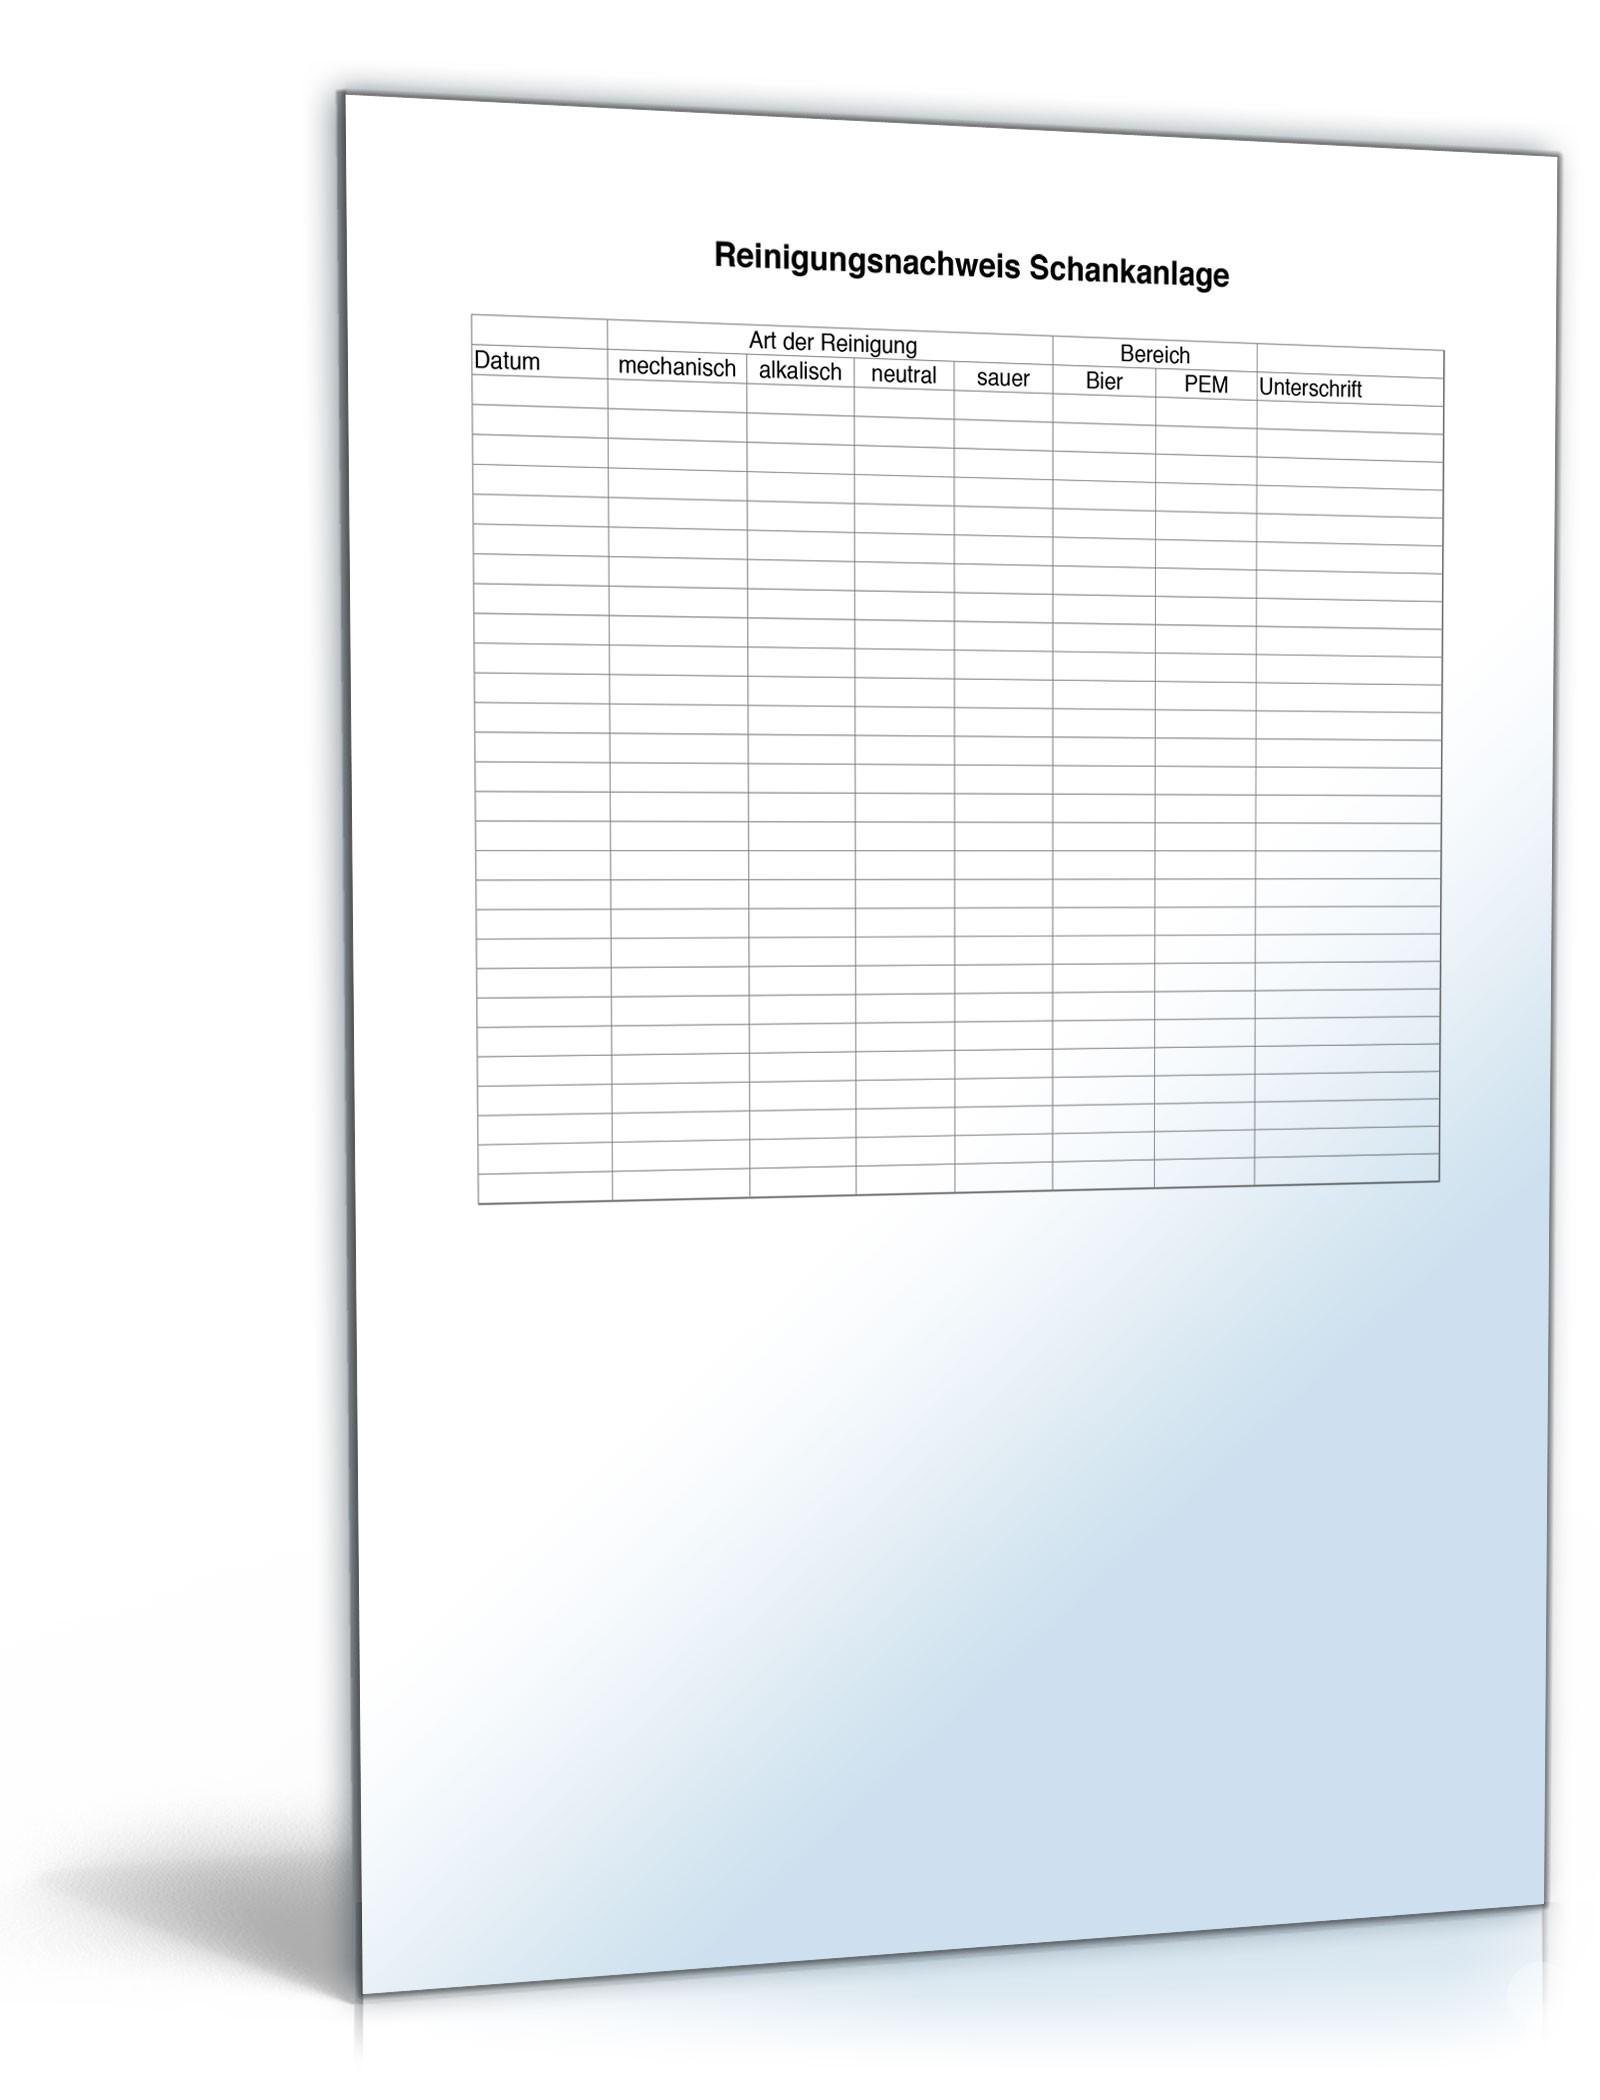 Reinigungsnachweis Schankanlage | Vorlage zum Download